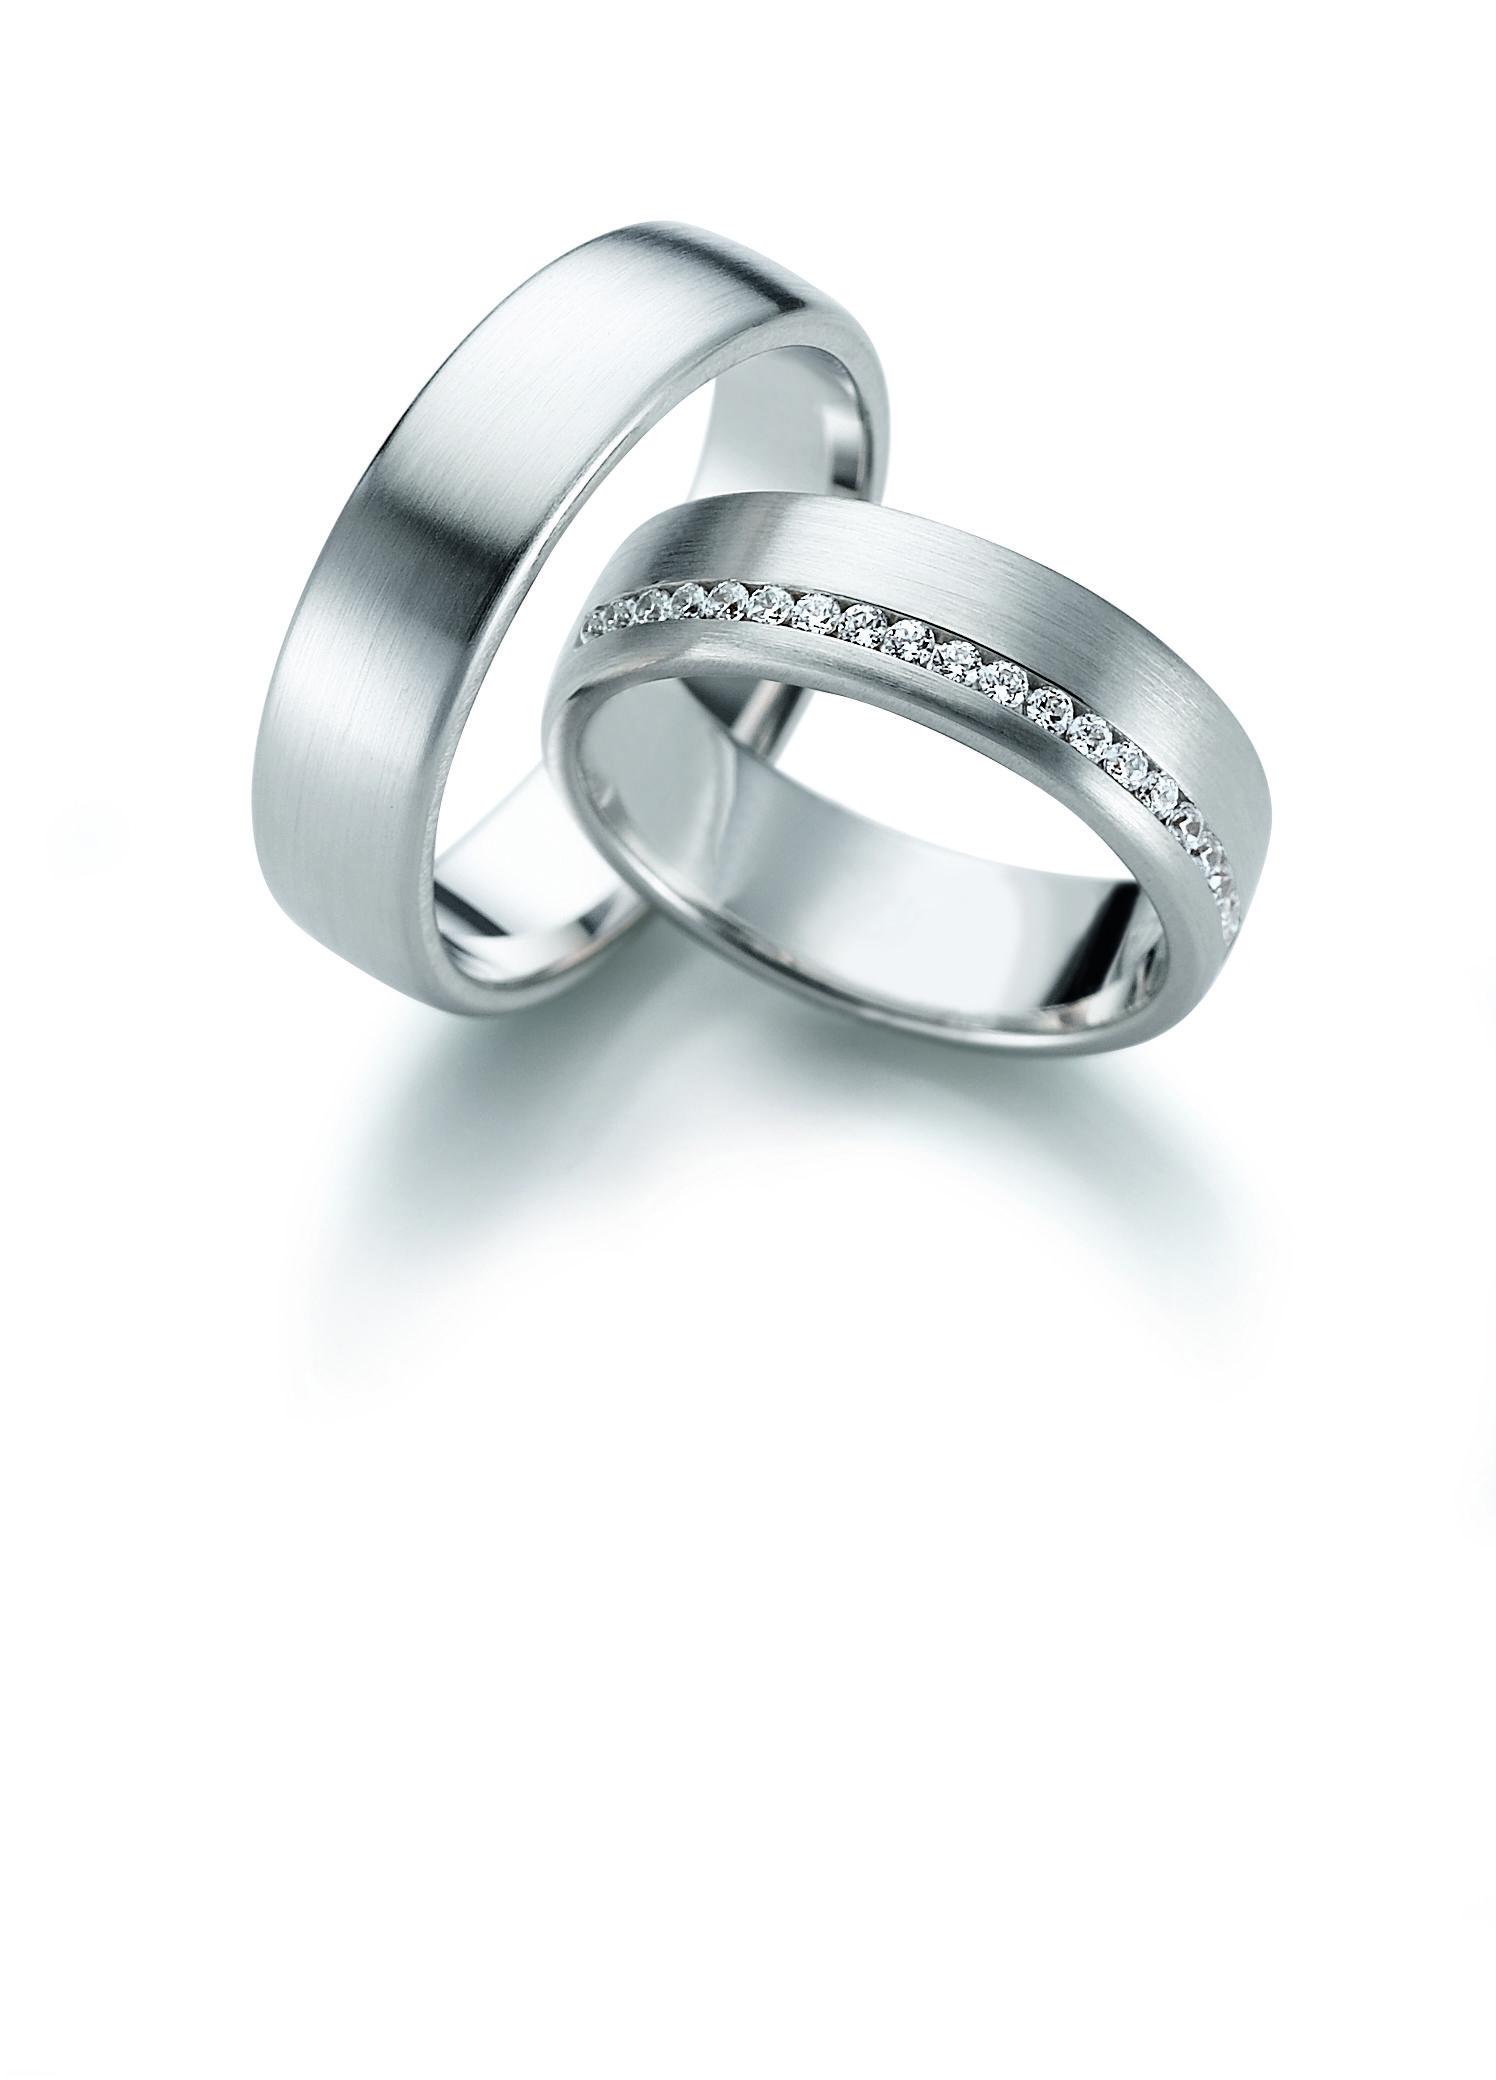 Explore Platinum Wedding Ringore Trauringe Von August Gerstner Höchste Qualität 100 Made In Germany Wir Gravieren Den